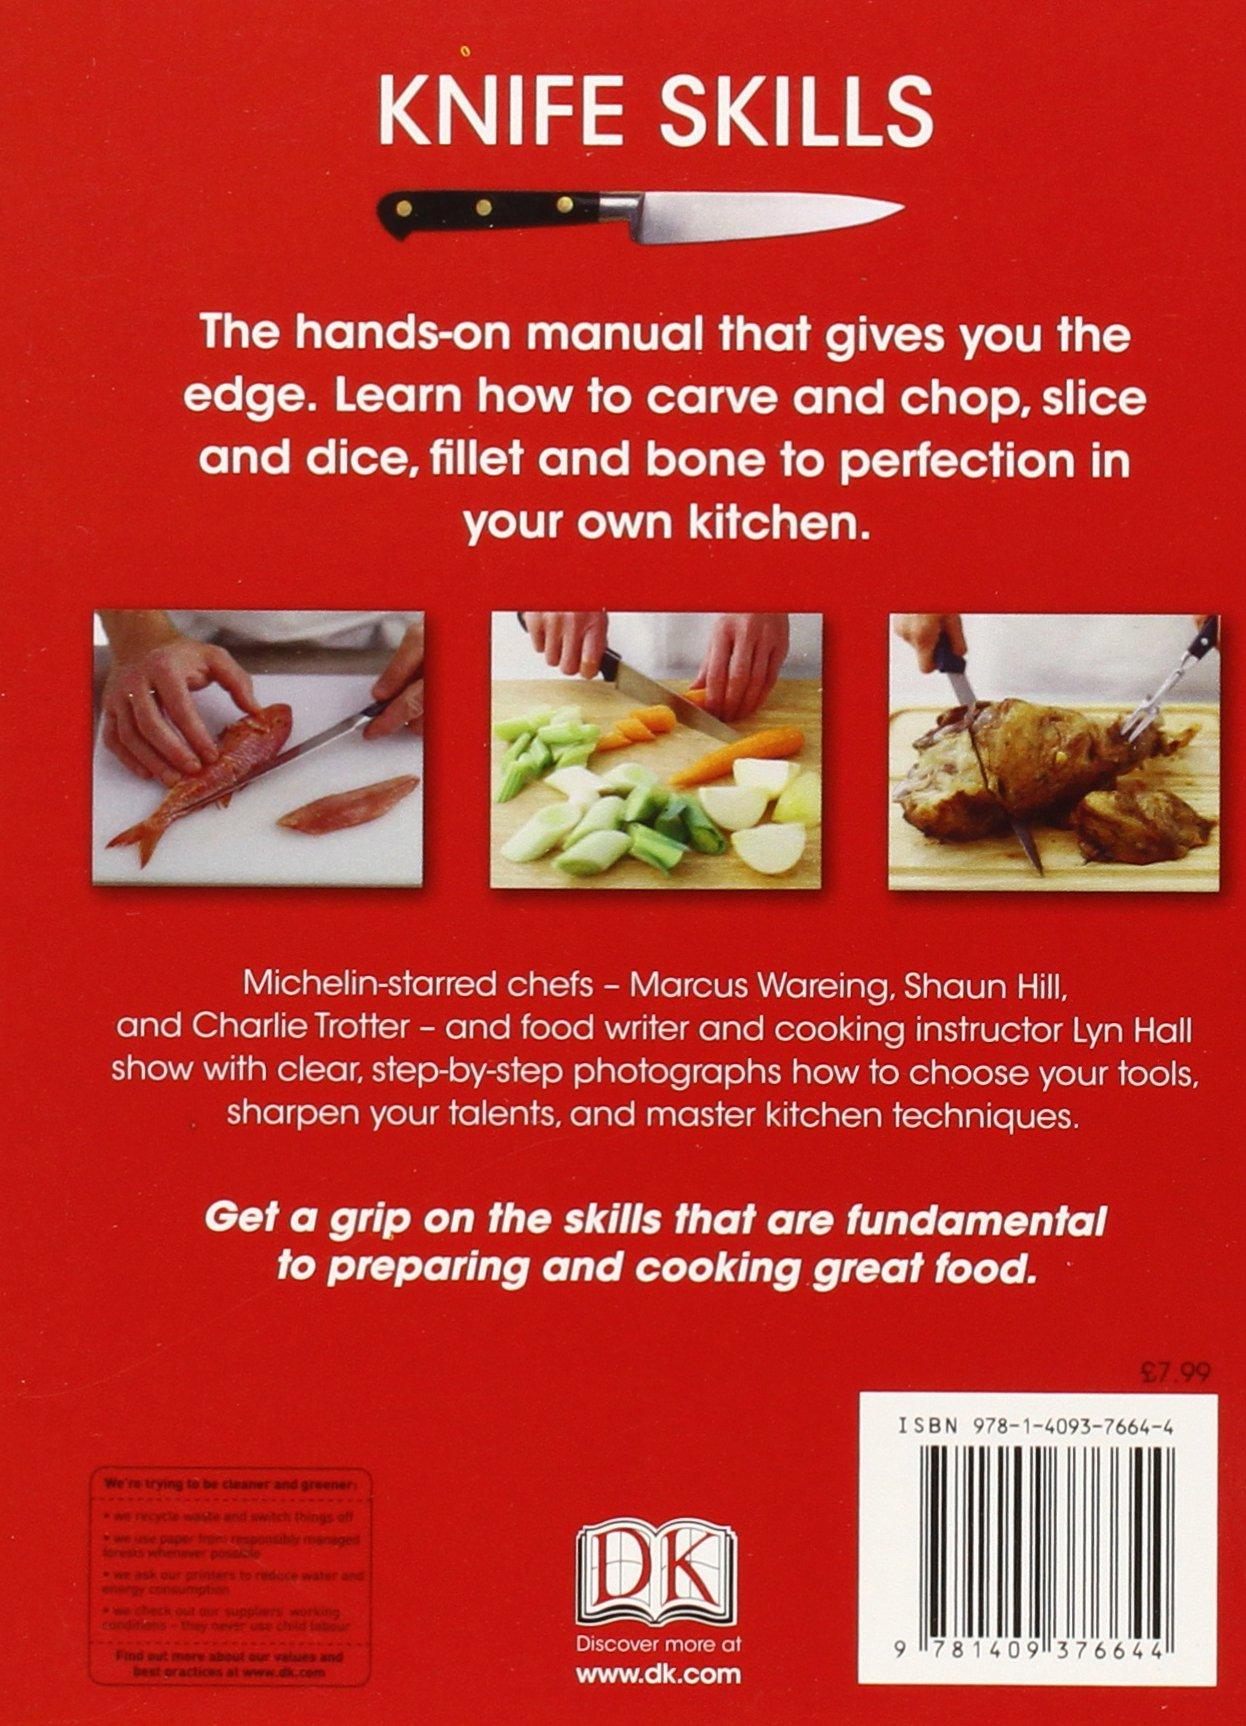 Knife Skills: How to Carve, Chop, Slice, Fillet